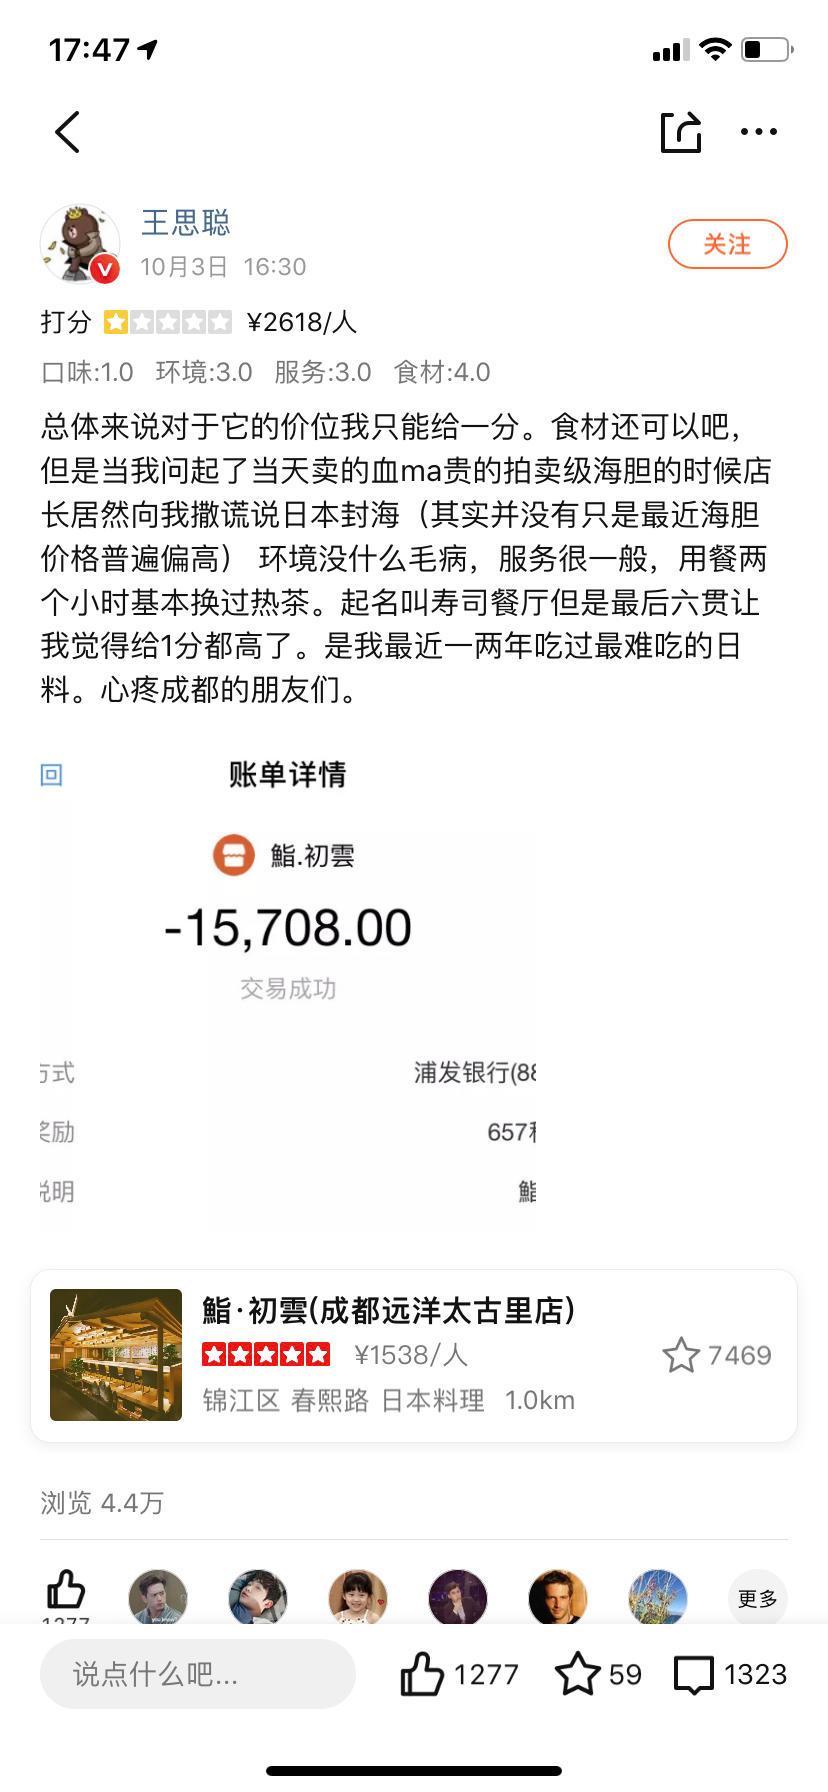 王思聰在成都吃日料給差評:心疼成都的朋友們 幫大家排雷